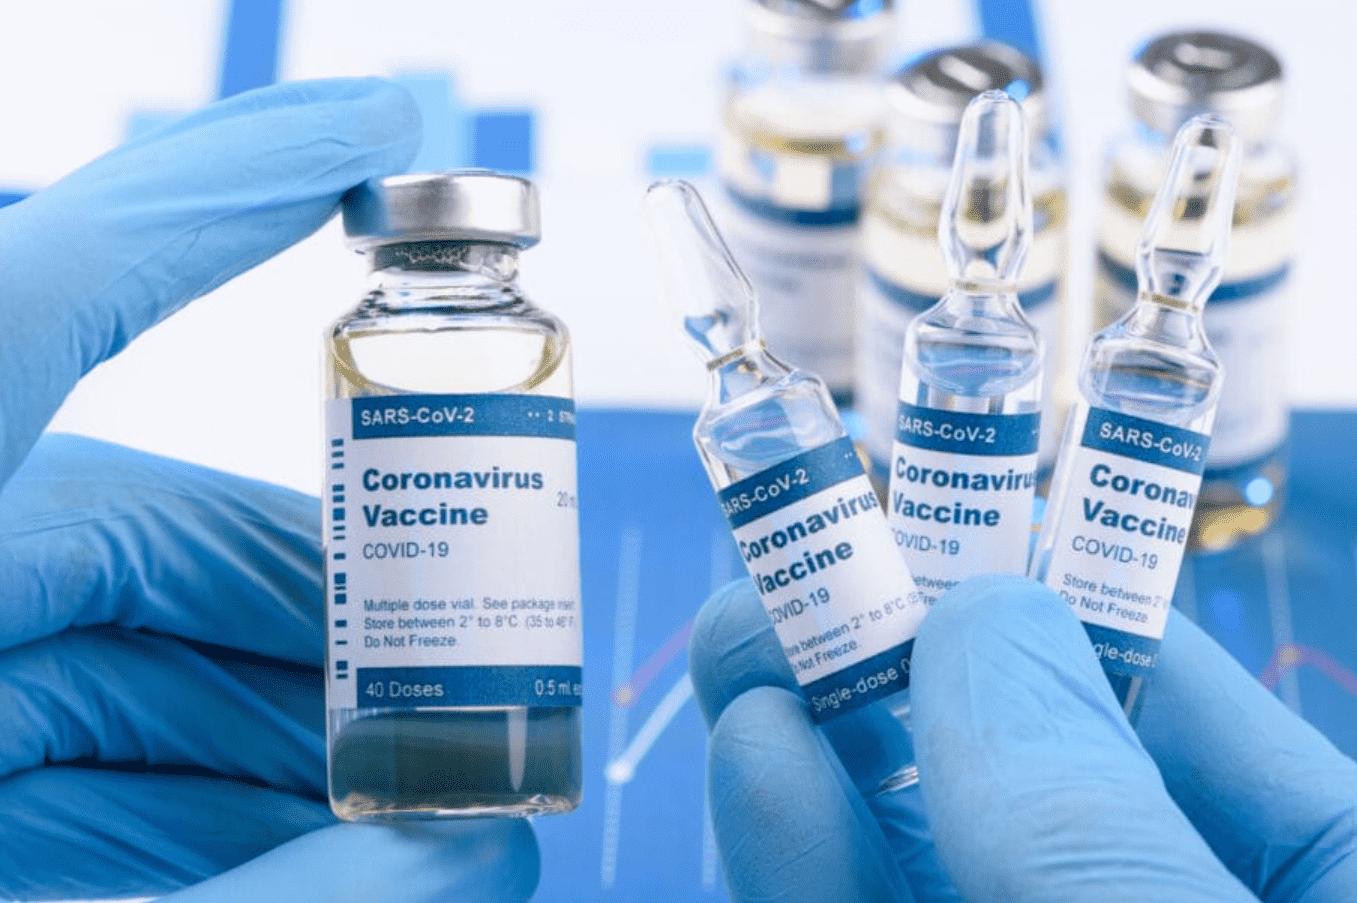 Foto mostra mãos segurando vários fracos de vacina